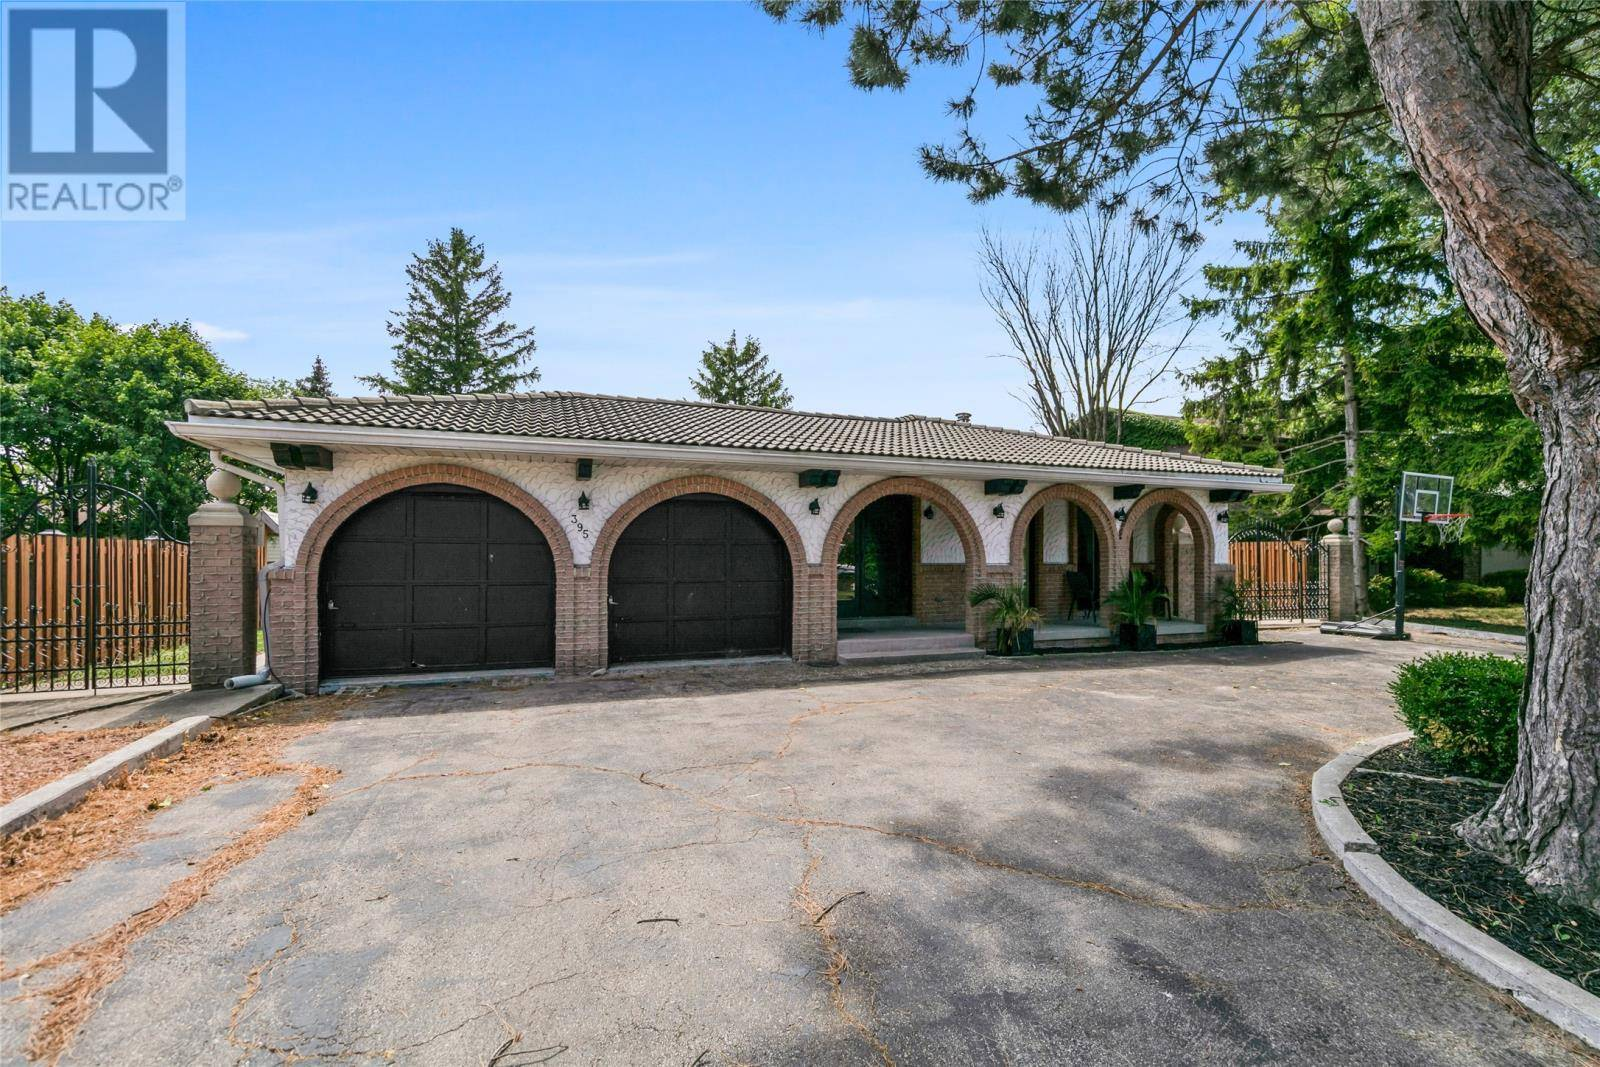 House for sale at 395 Fairway  Tecumseh Ontario - MLS: 19027194